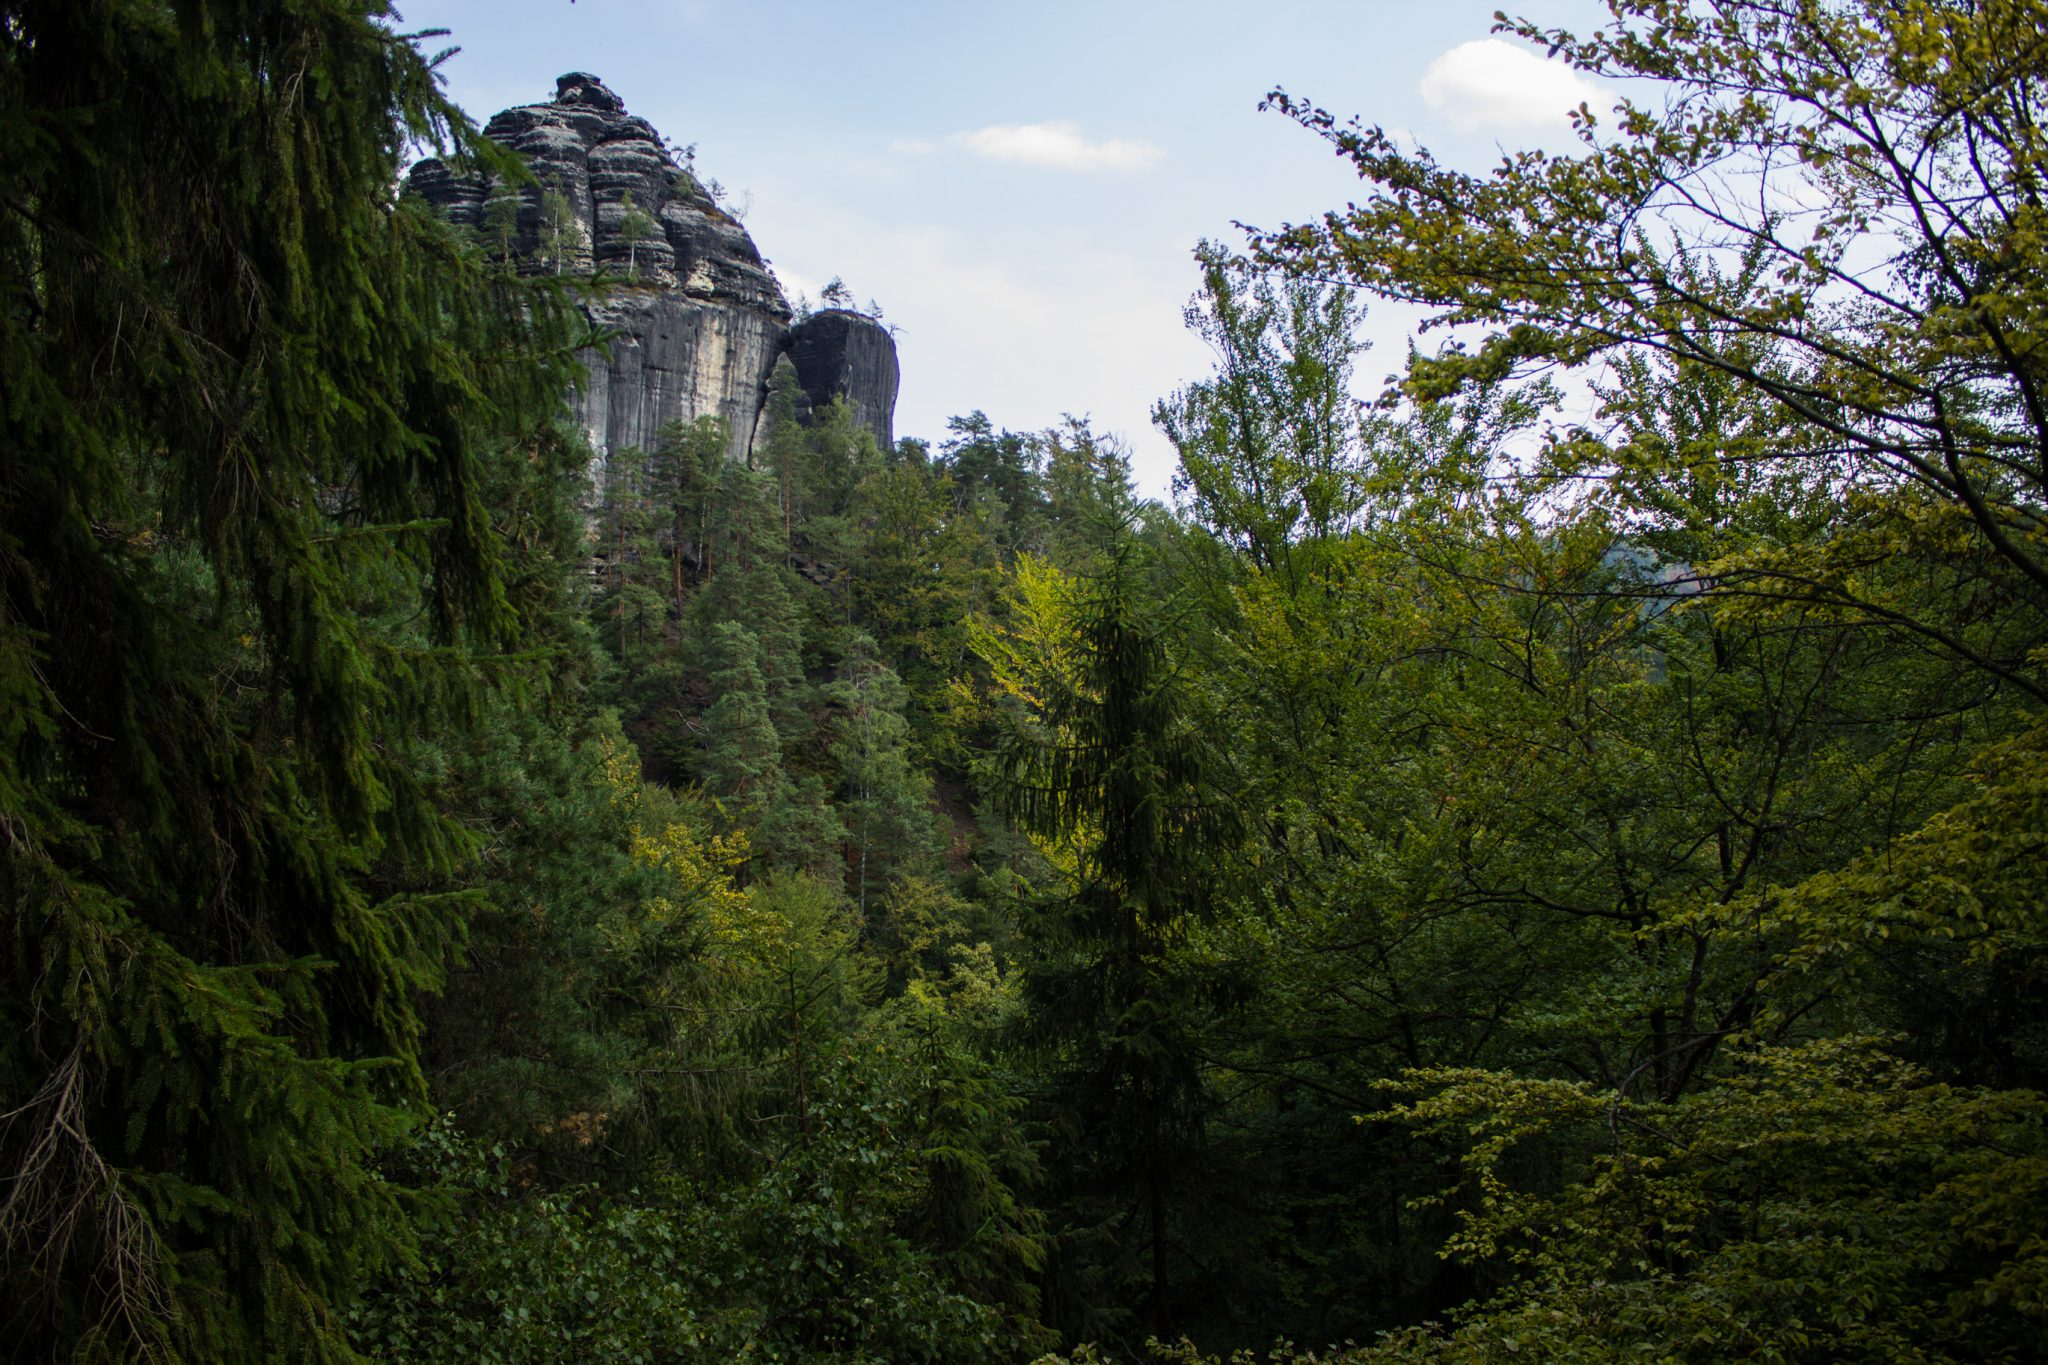 Zeughaus Roß- und Goldsteig Richterschlüchte im Kirnitzschtal wandern, Wanderweg im Wanderparadies Sächsische Schweiz mit vielen tollen Aussichten, riesiger Felsennationalpark